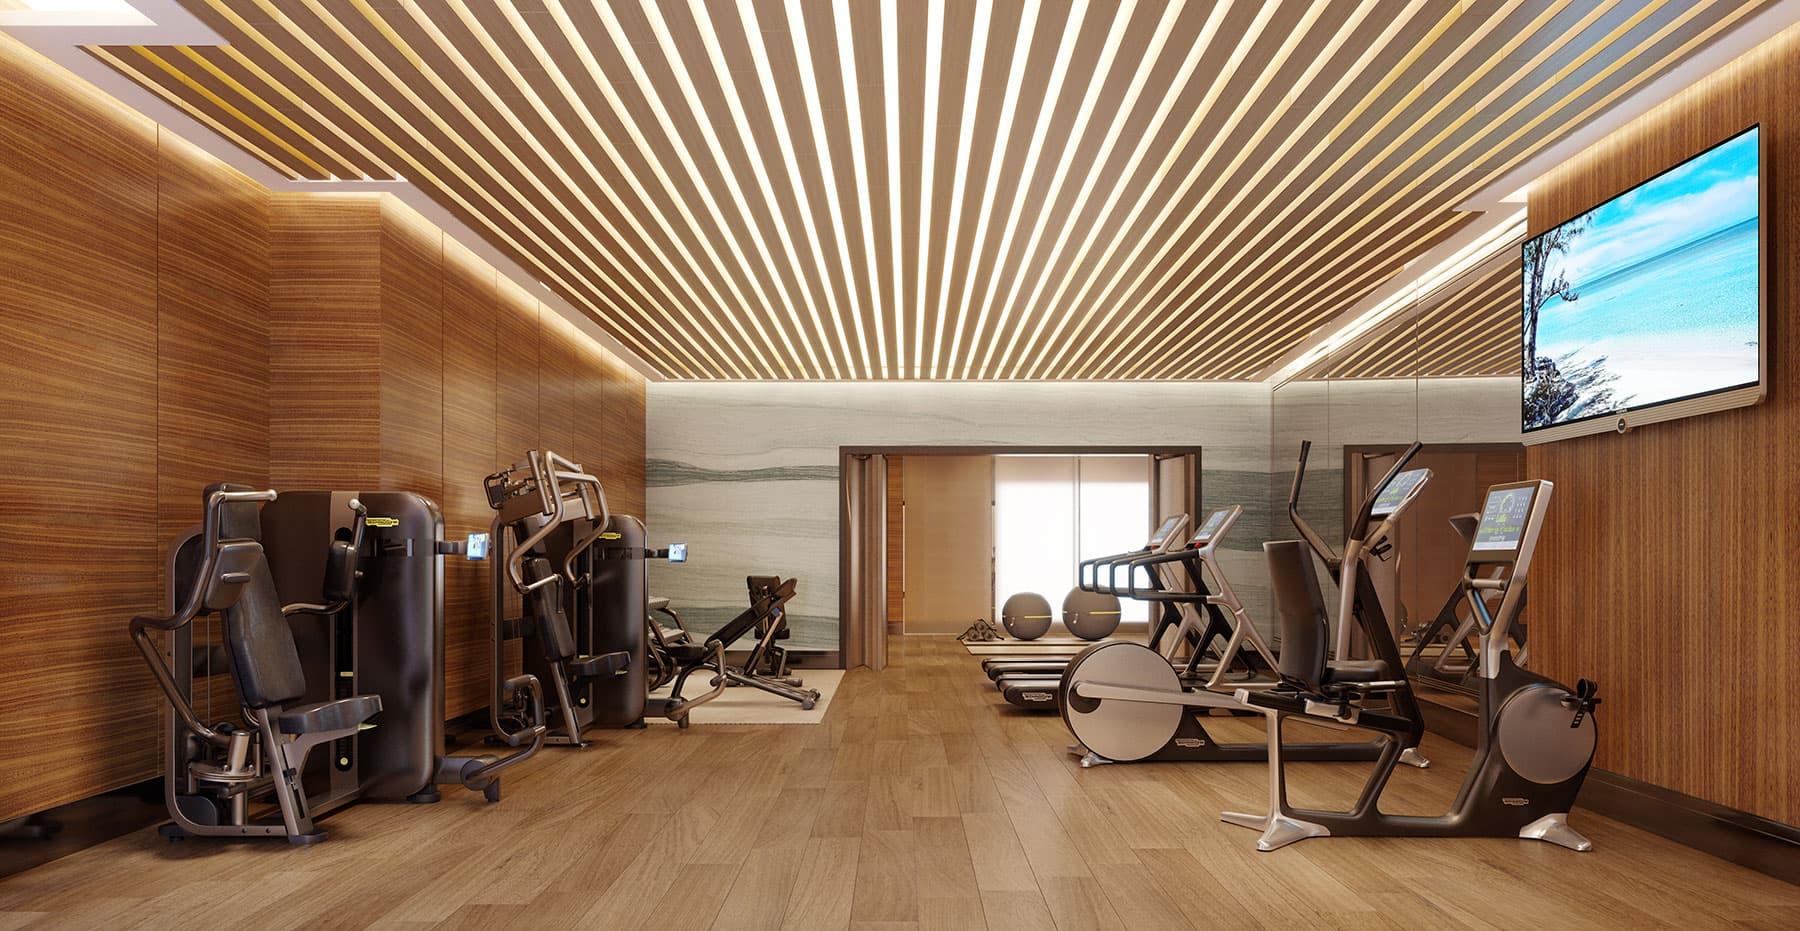 Auriens Gym